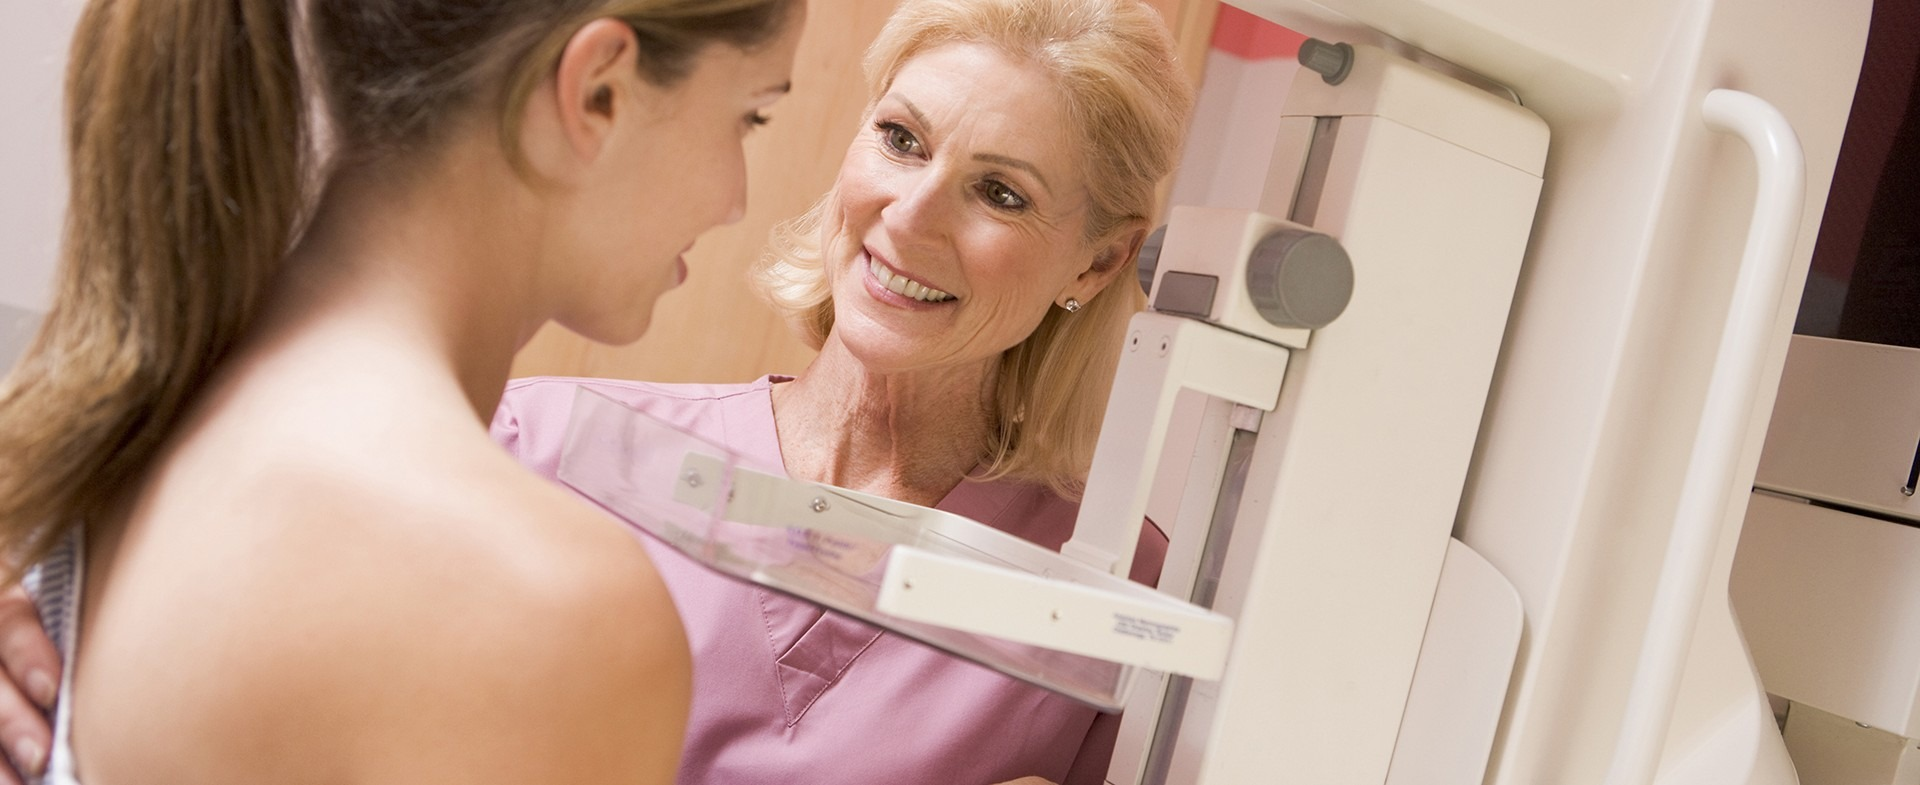 Woman getting a mammogram